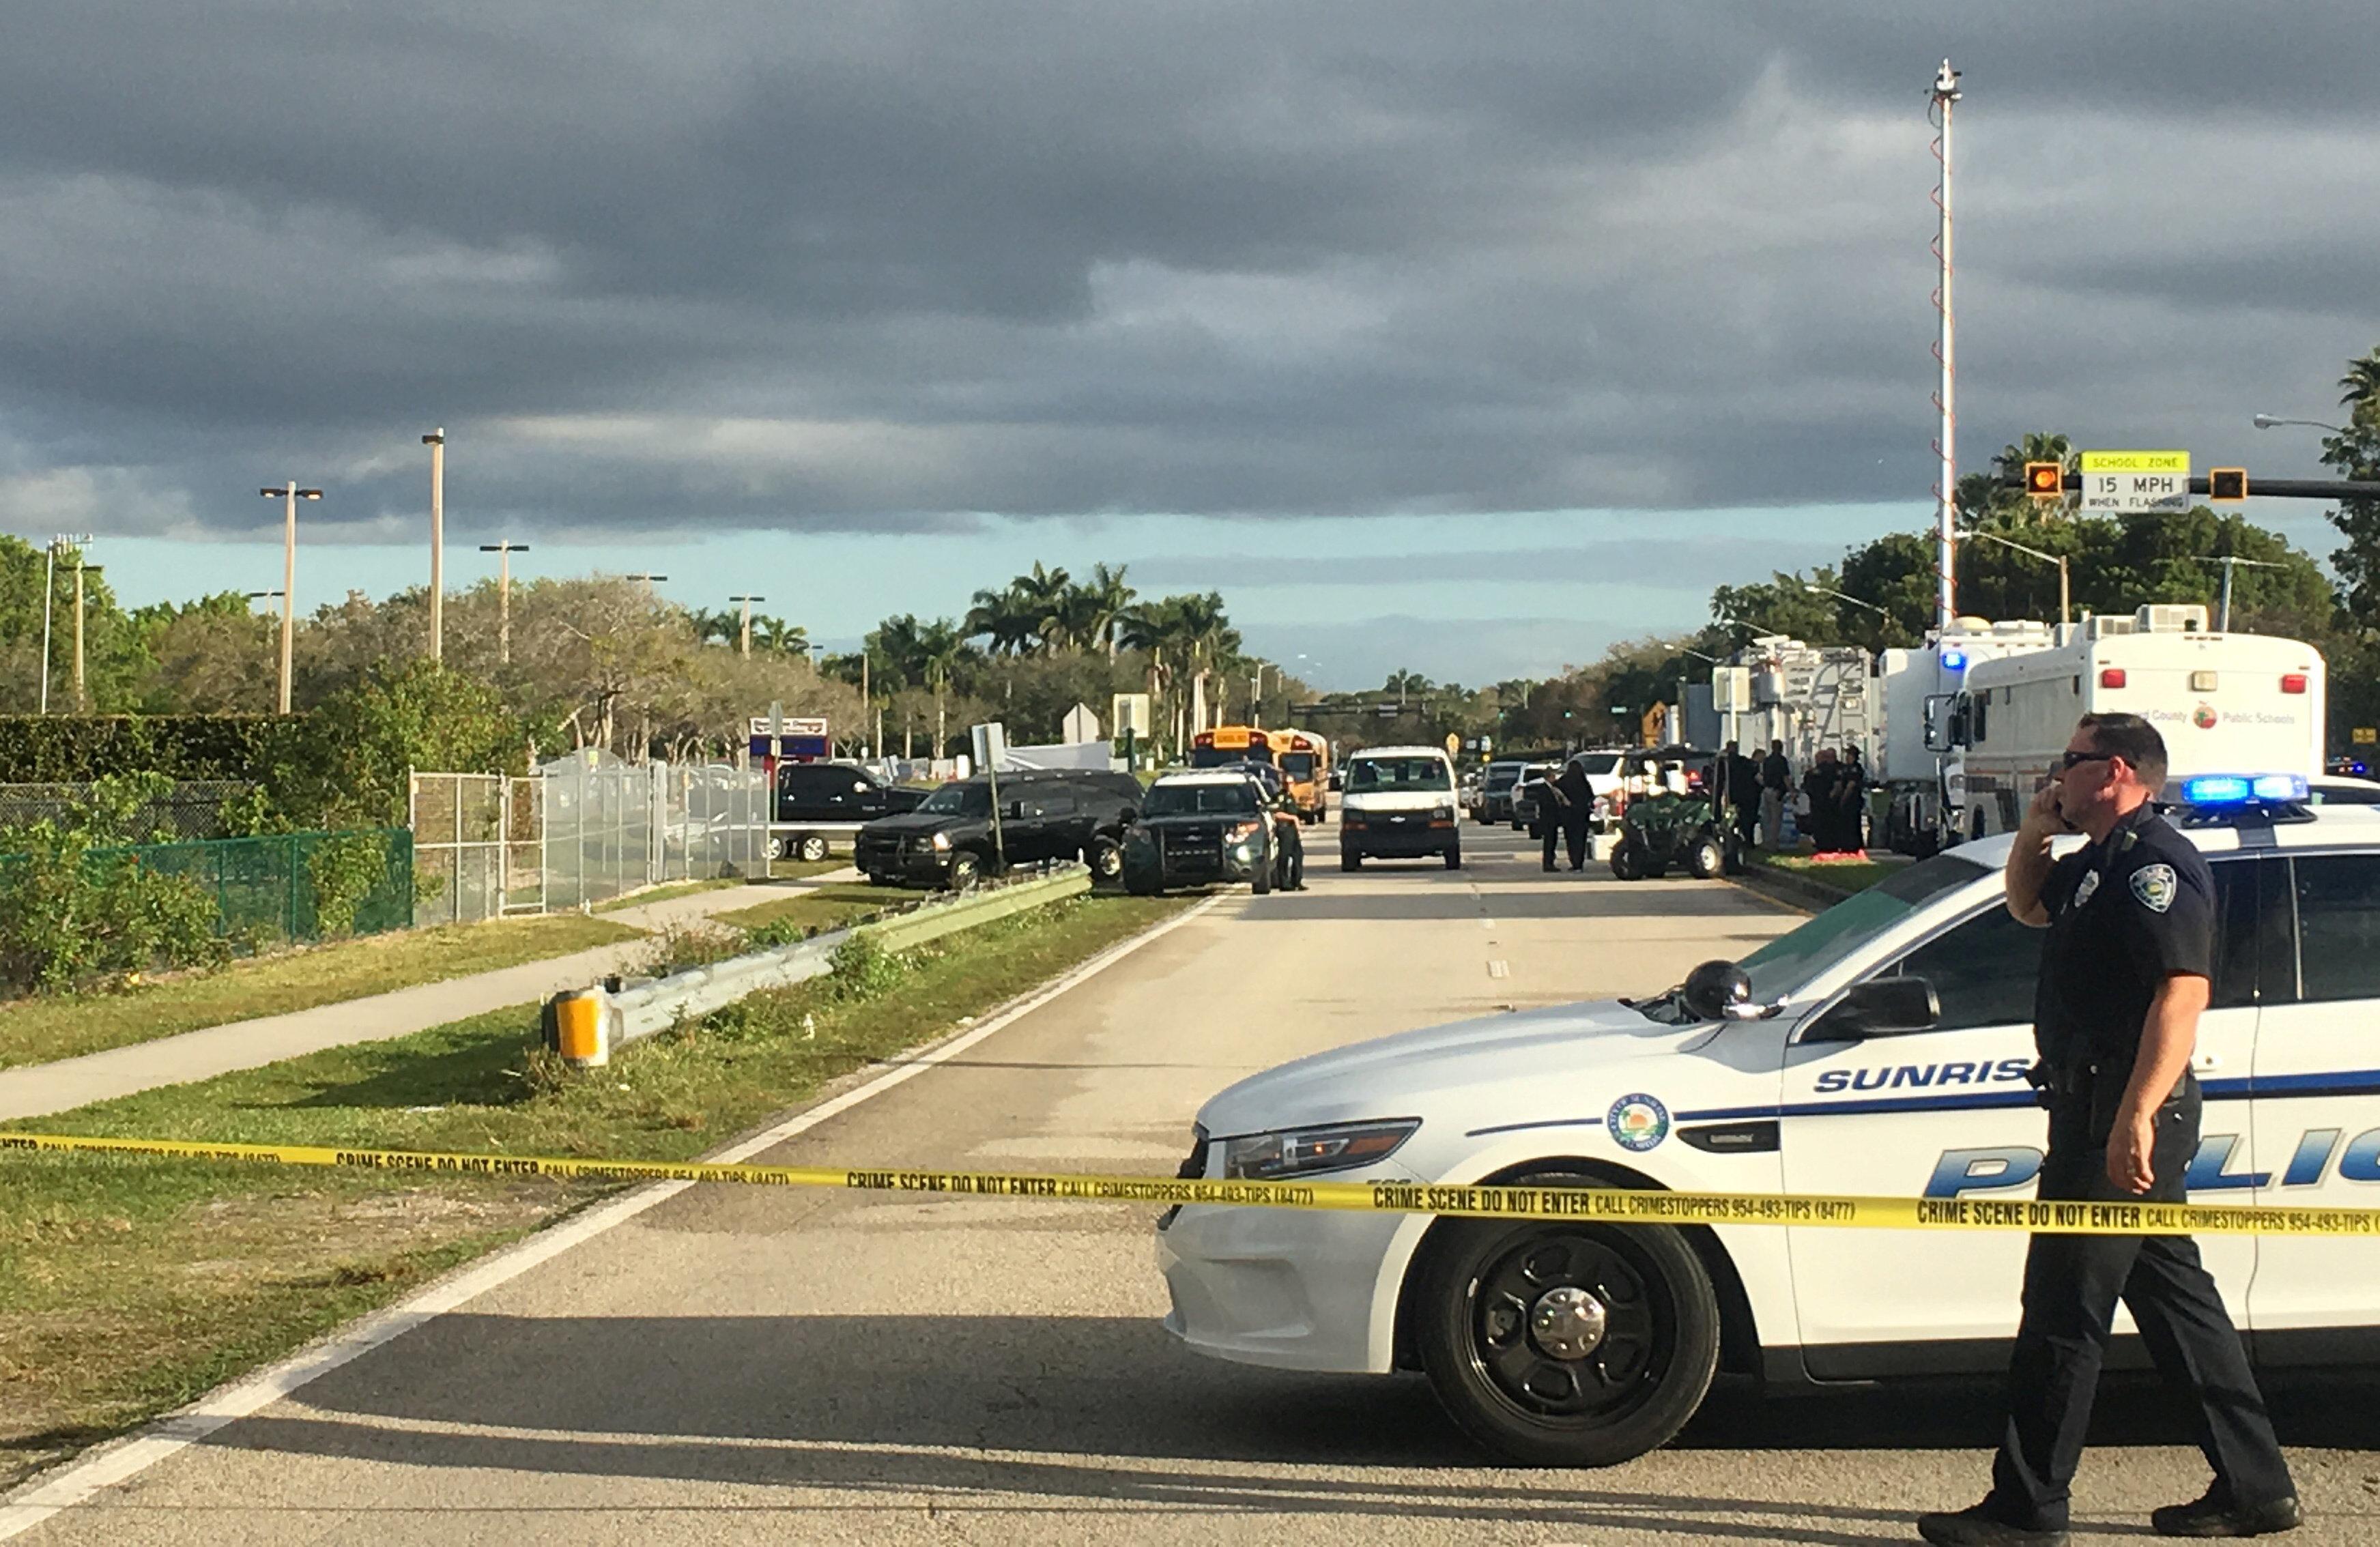 총기 난사 사건 플로리다 학교의 CCTV를 두고 싸움이 벌어진